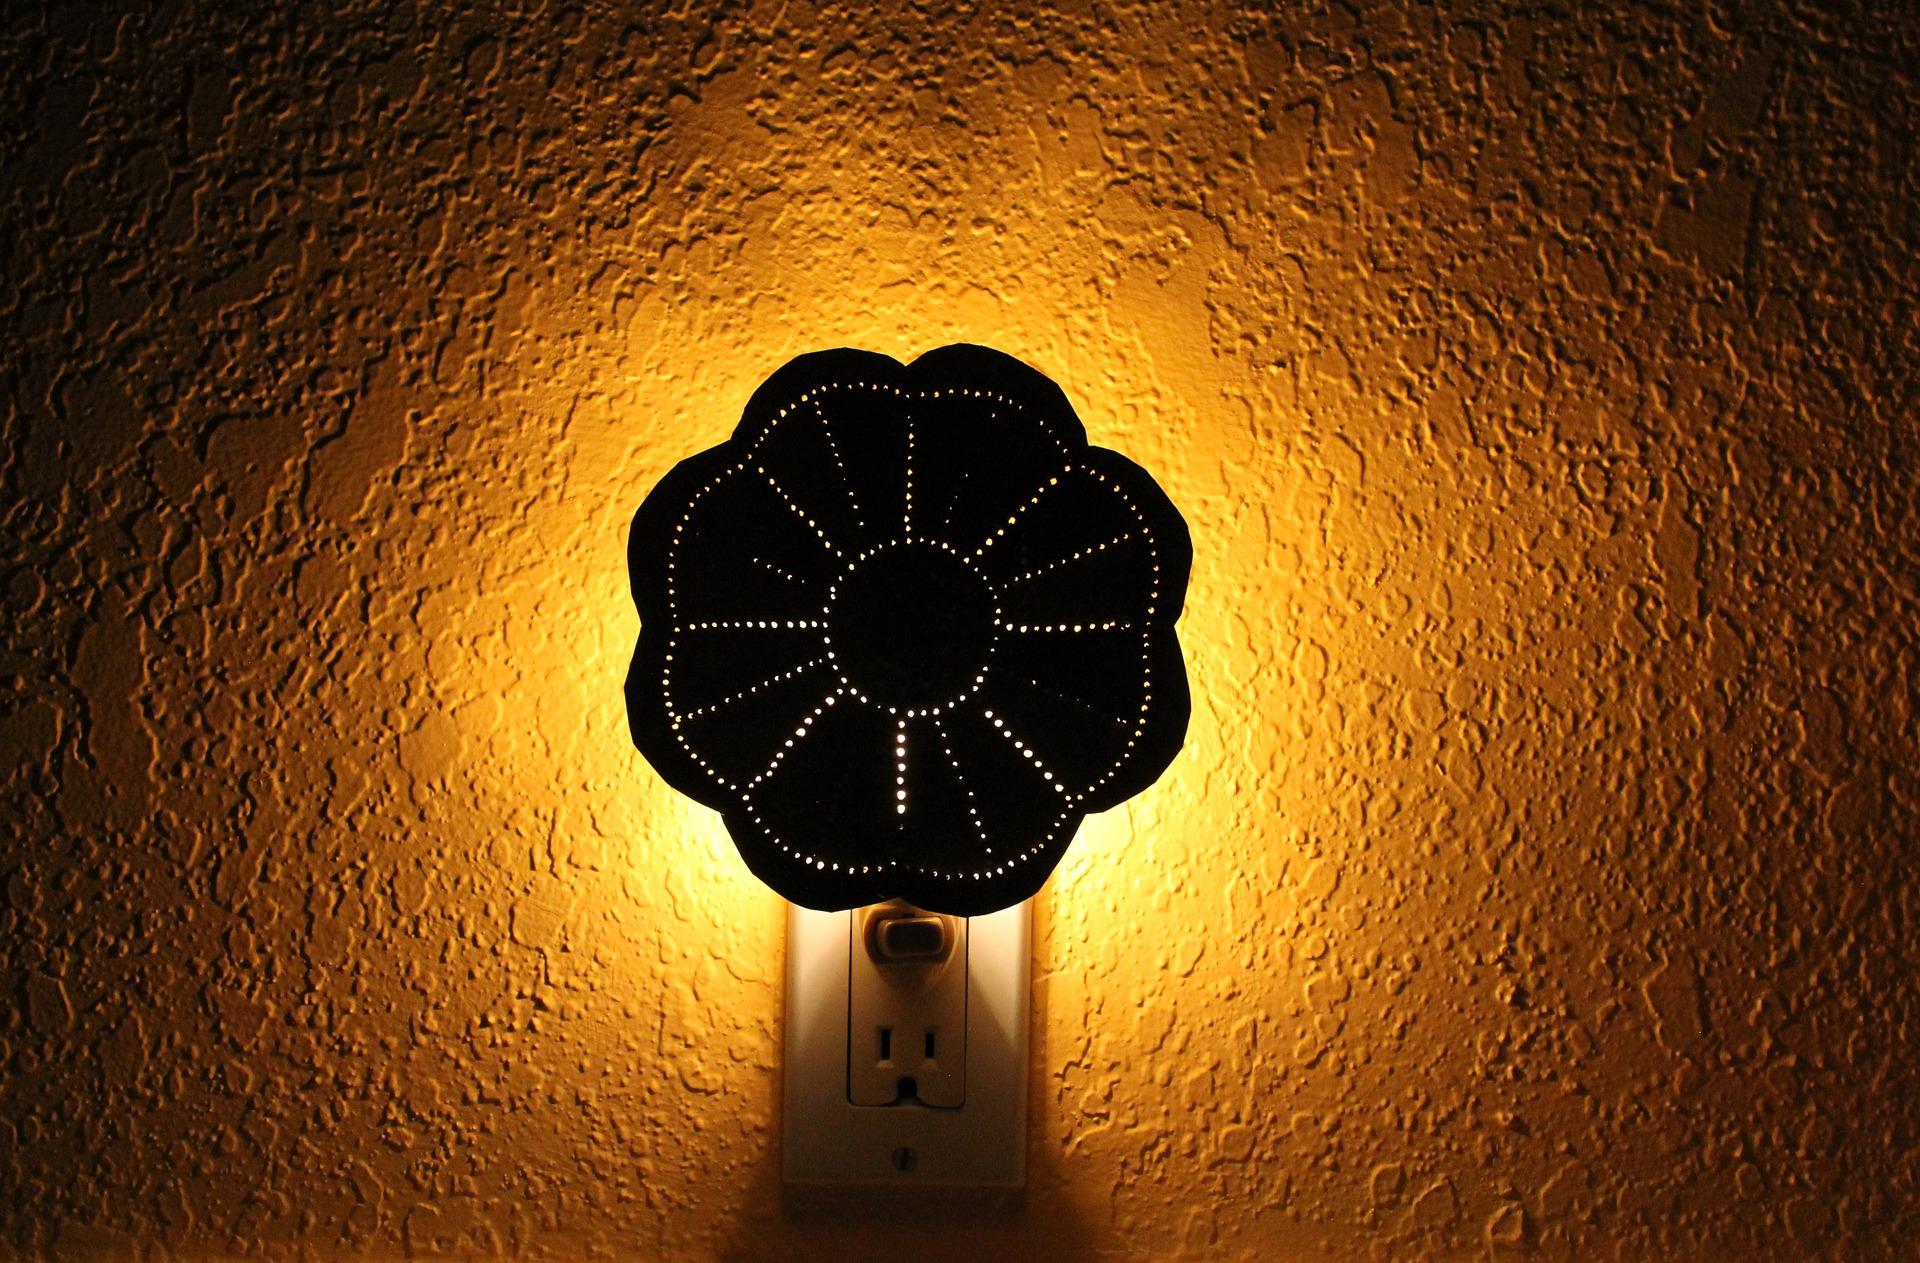 Ein Nachtlicht steckt in der Steckdose und wirft indirektes gelbes Licht auf die Wand.